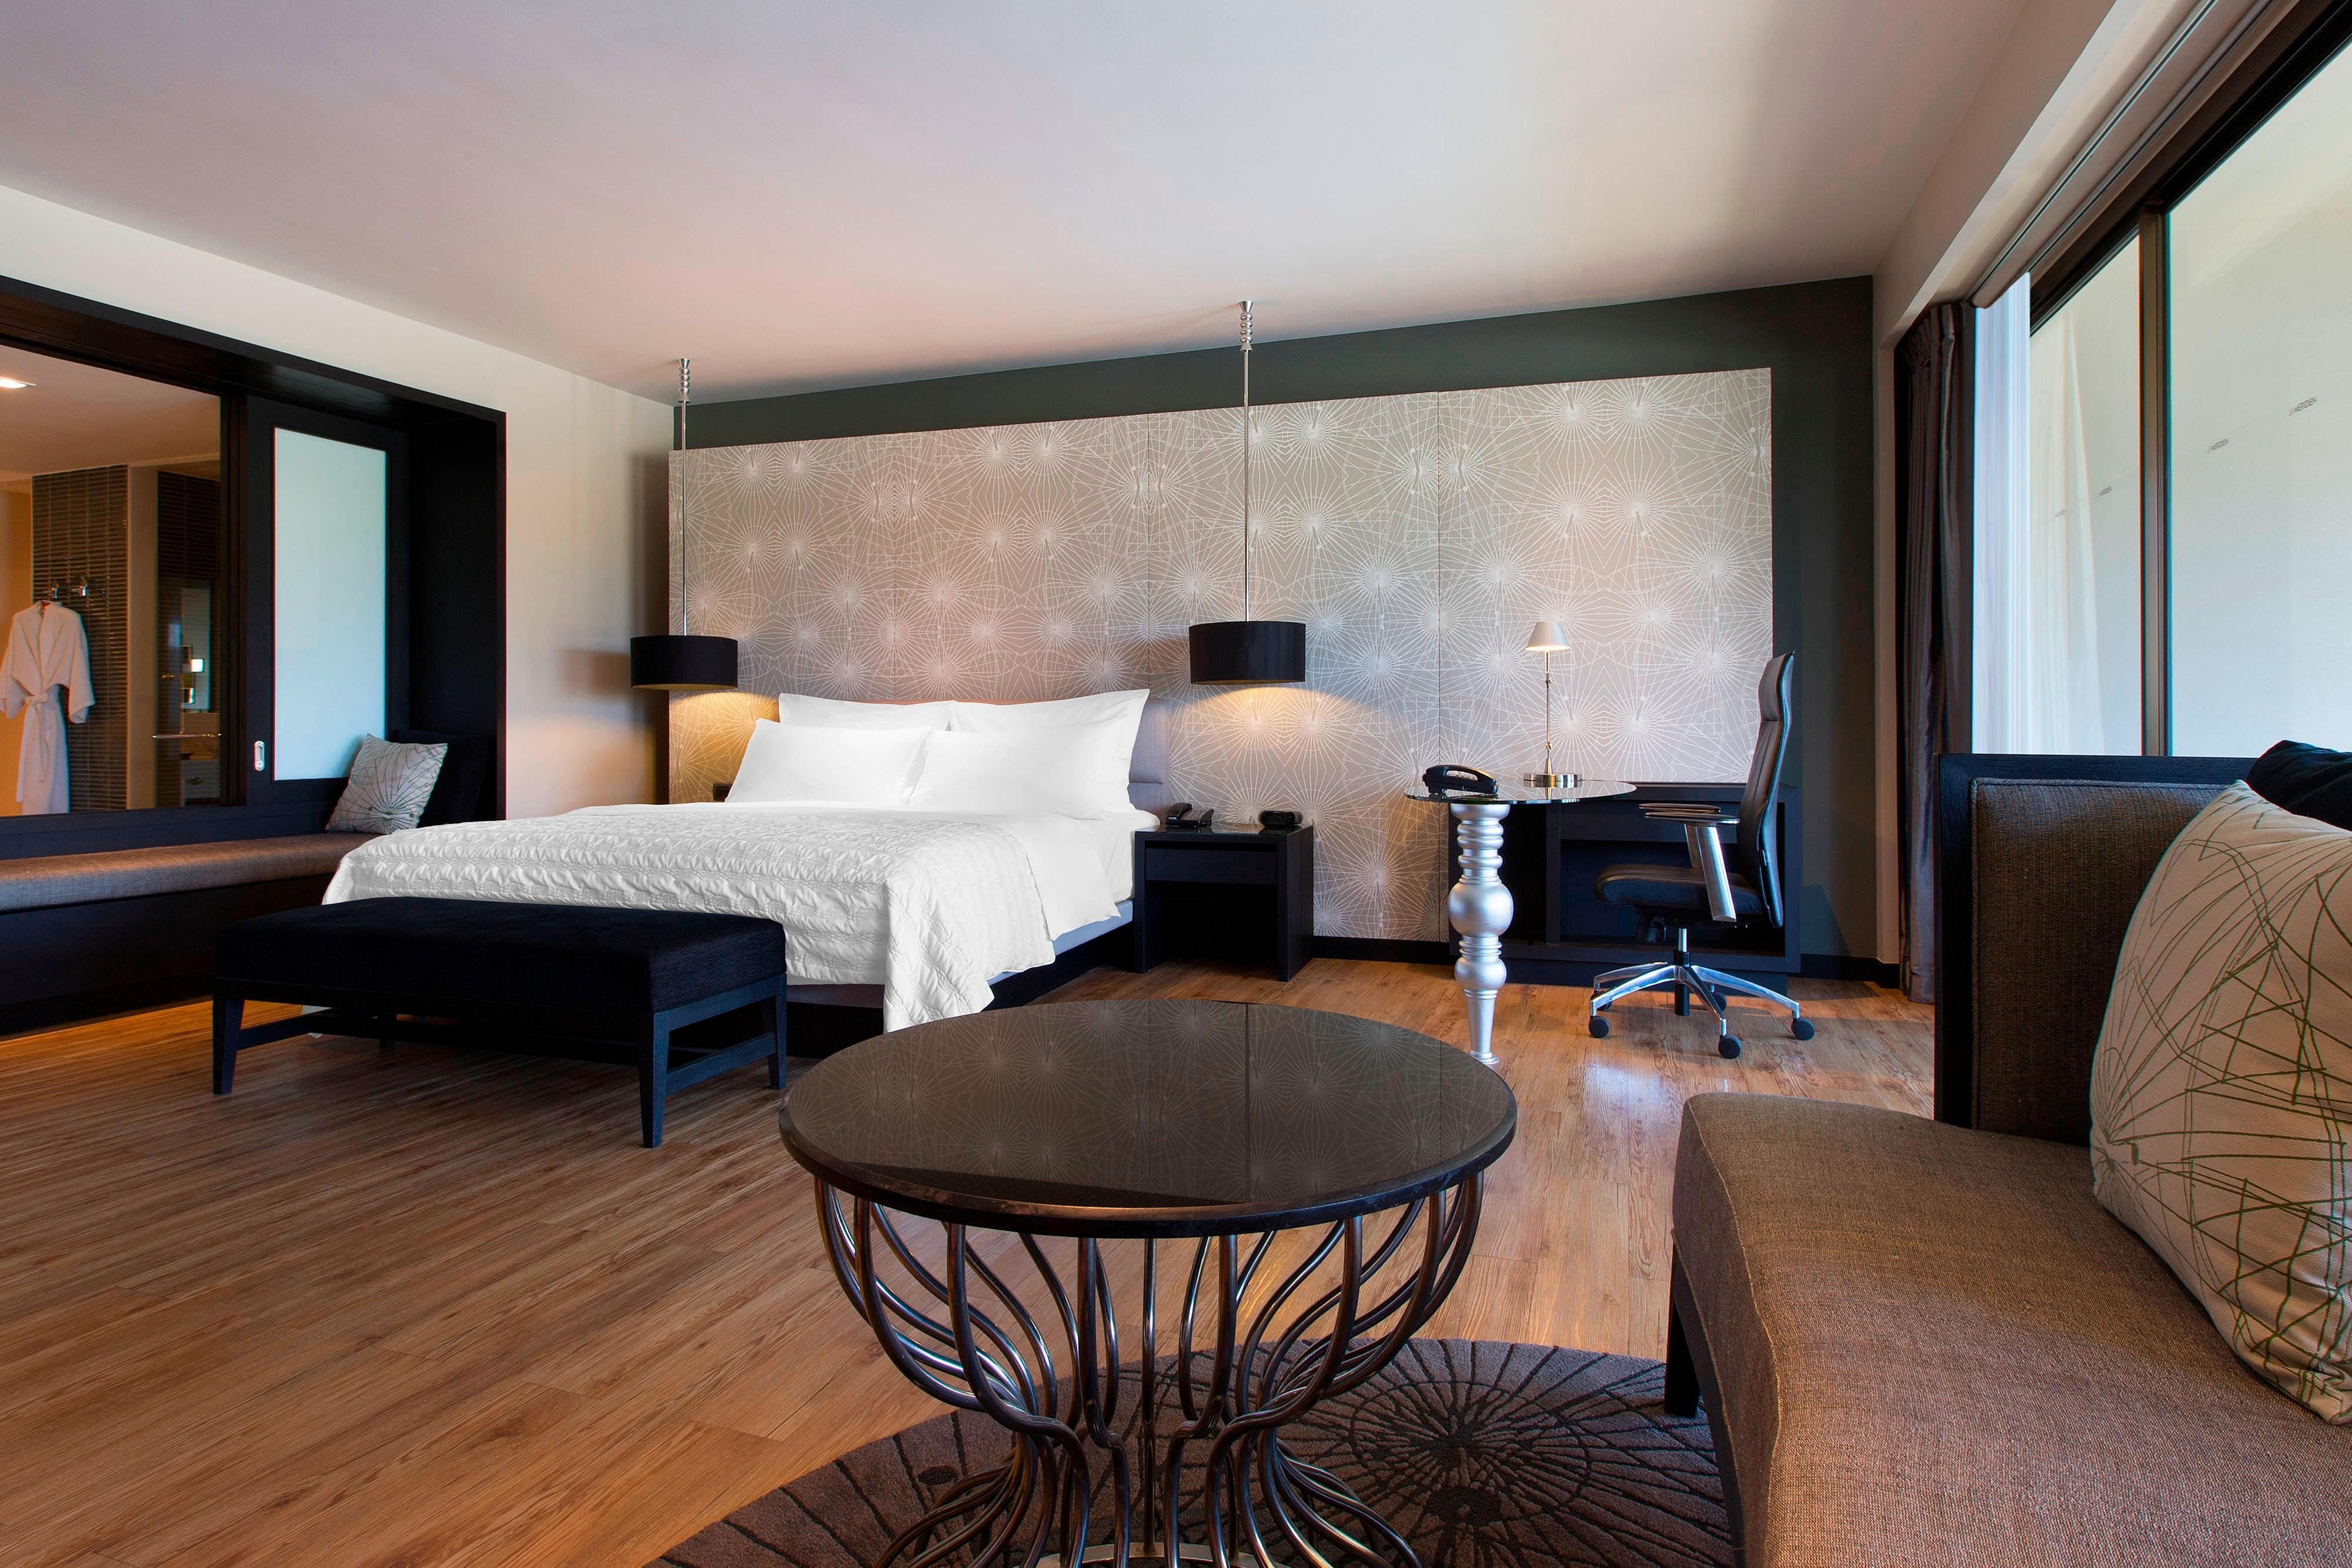 Chambre Grande de luxe avec vue sur le jardin/fleuve – Espace nuit